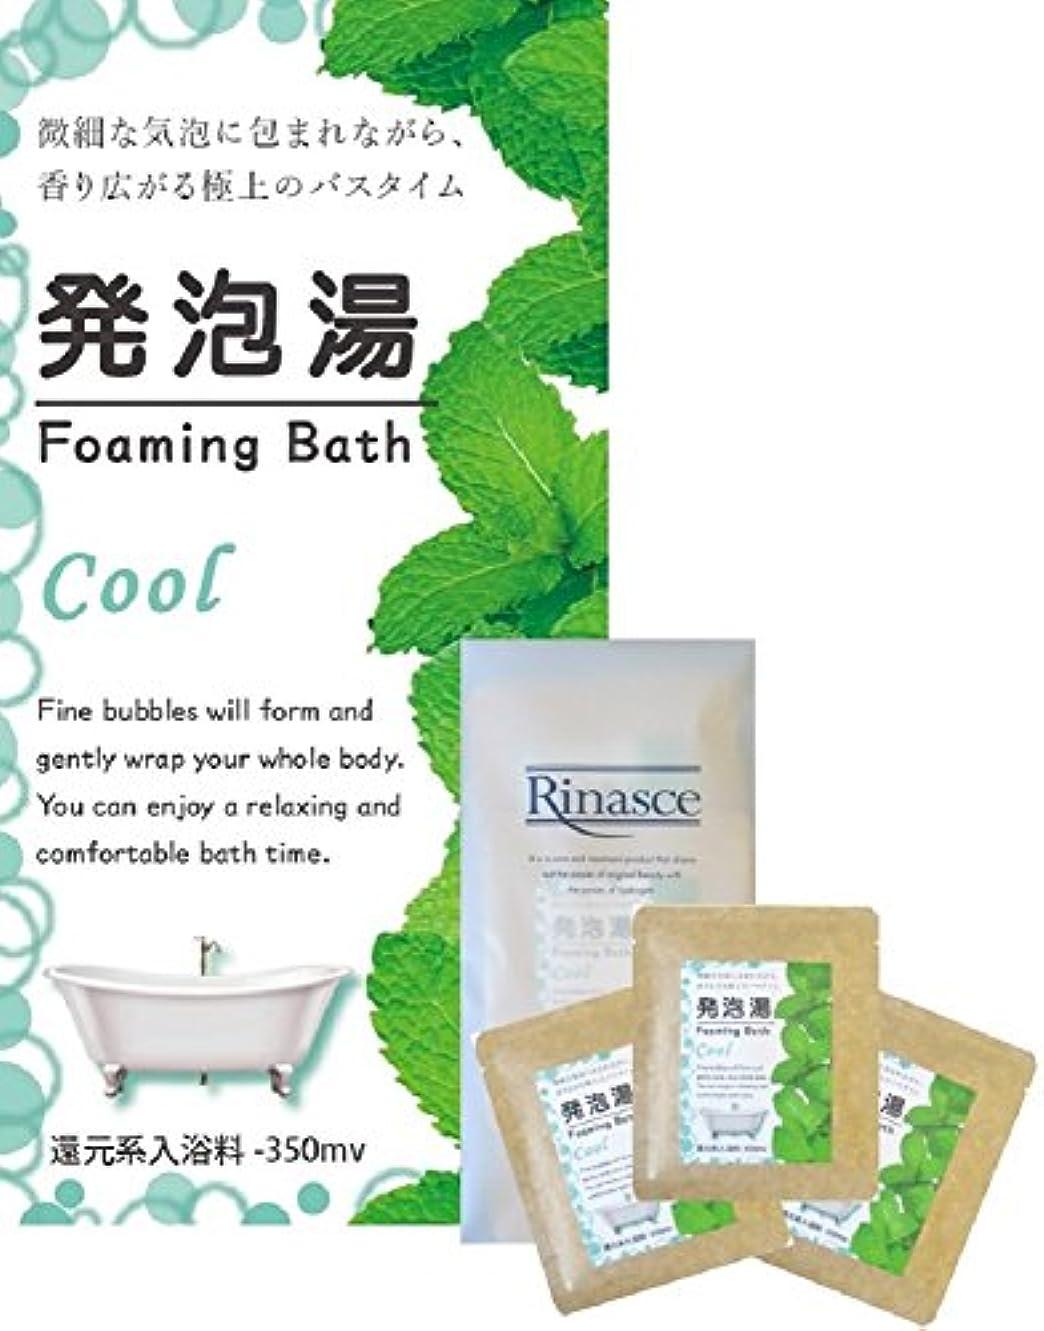 お酒リー捕虜【ゆうメール対象】発泡湯(はっぽうとう) Foaming Bath Cool クール 40g 3包セット/微細な気泡に包まれながら香り広がる極上のバスタイム